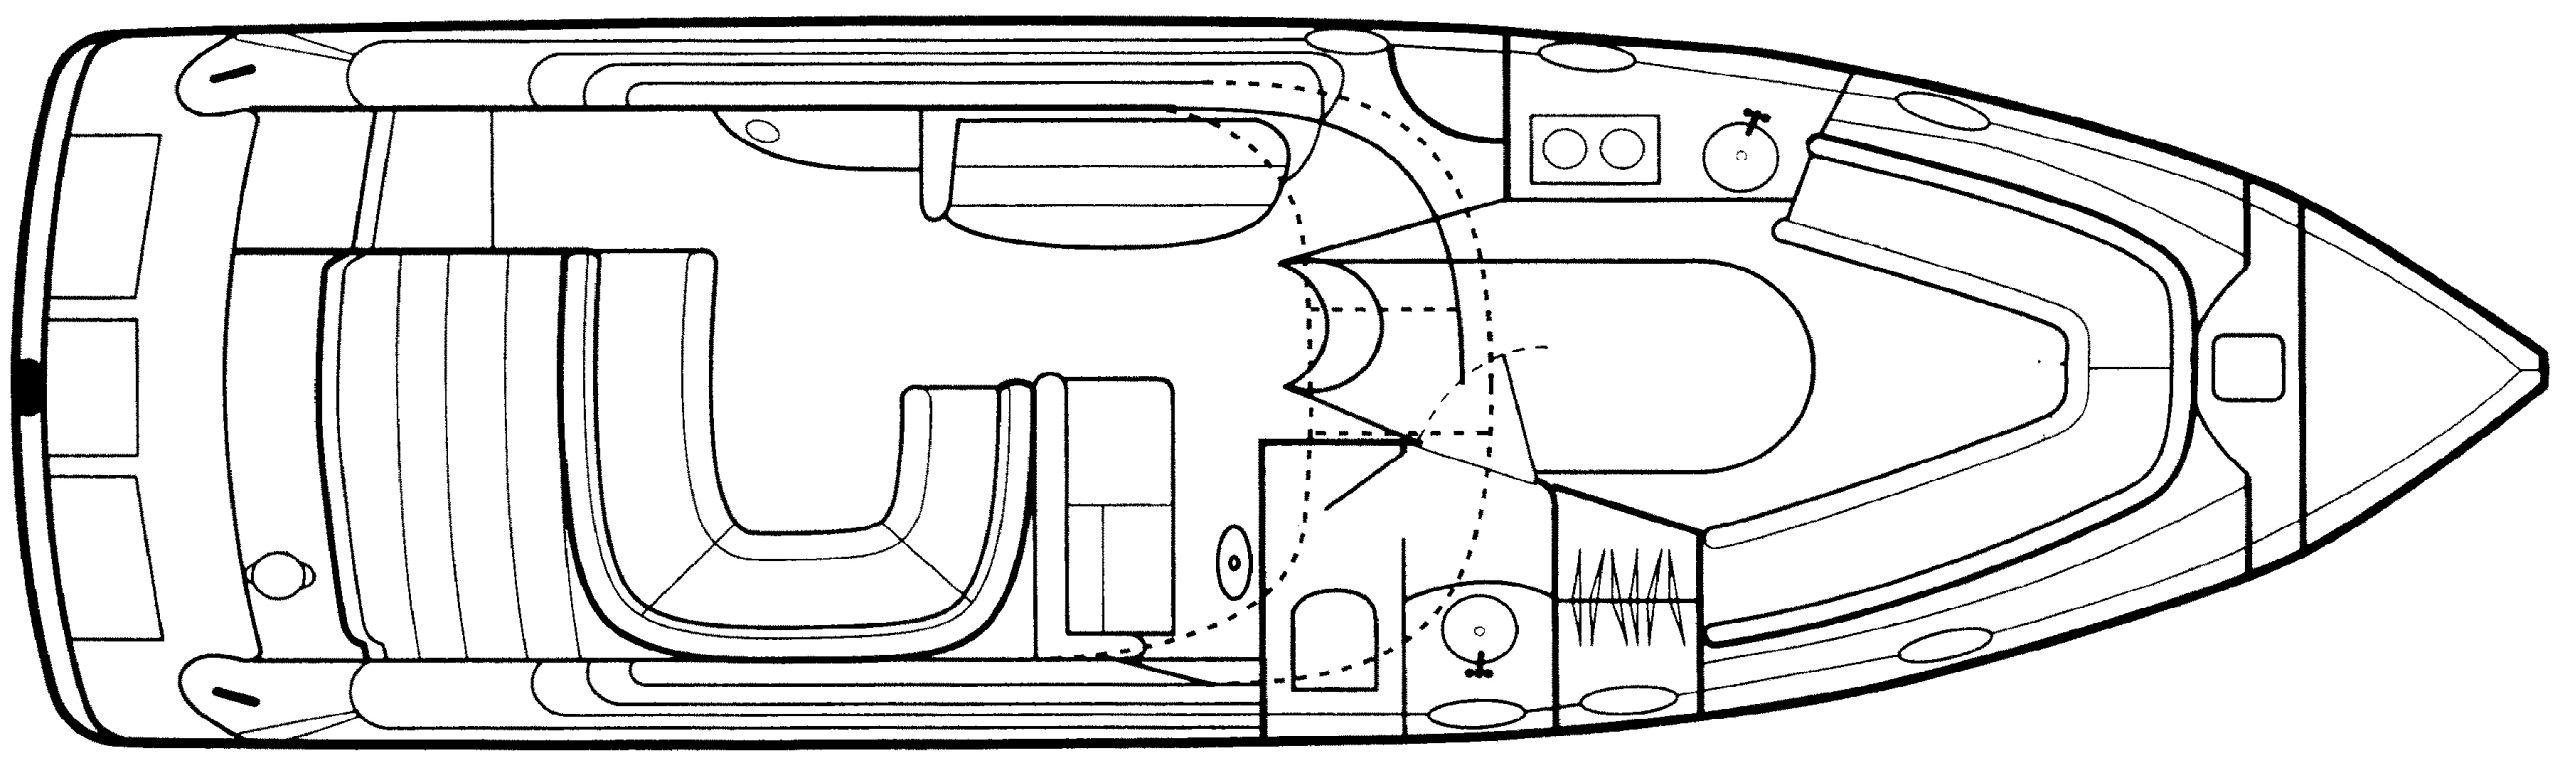 39 ZSC Floor Plan 1